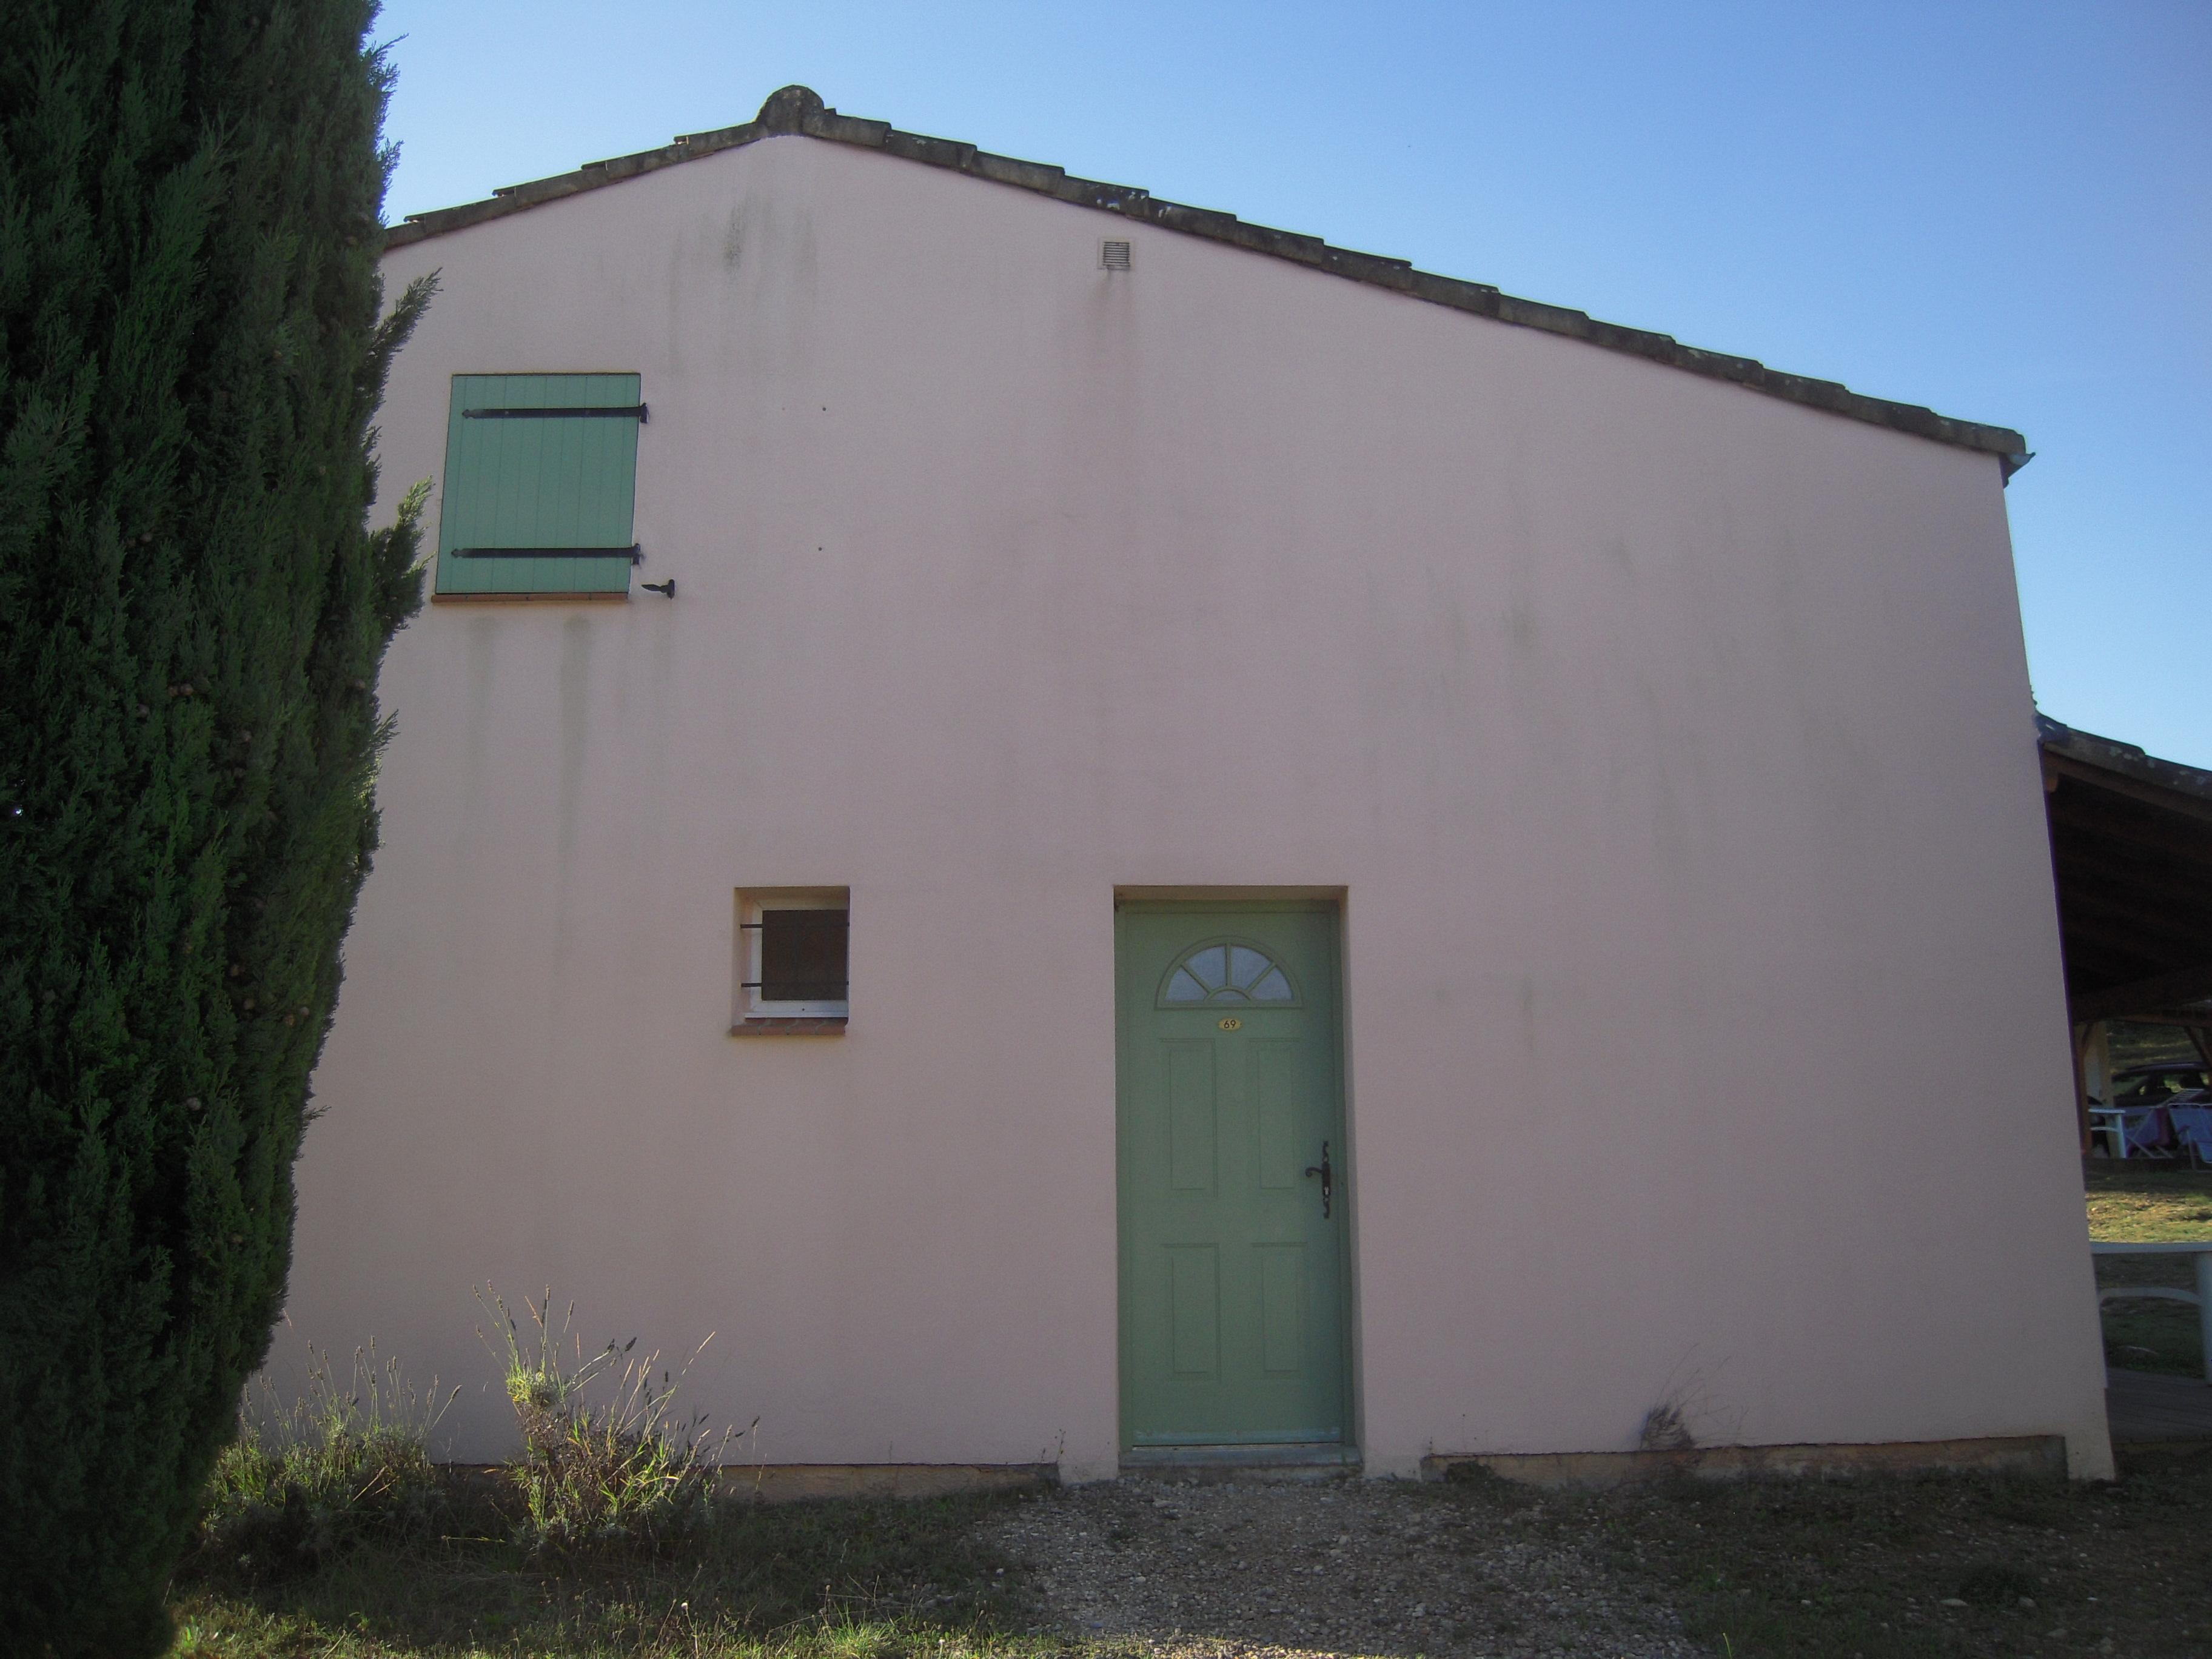 Nemea - Sauve - Les portes des Cevennes  - 69